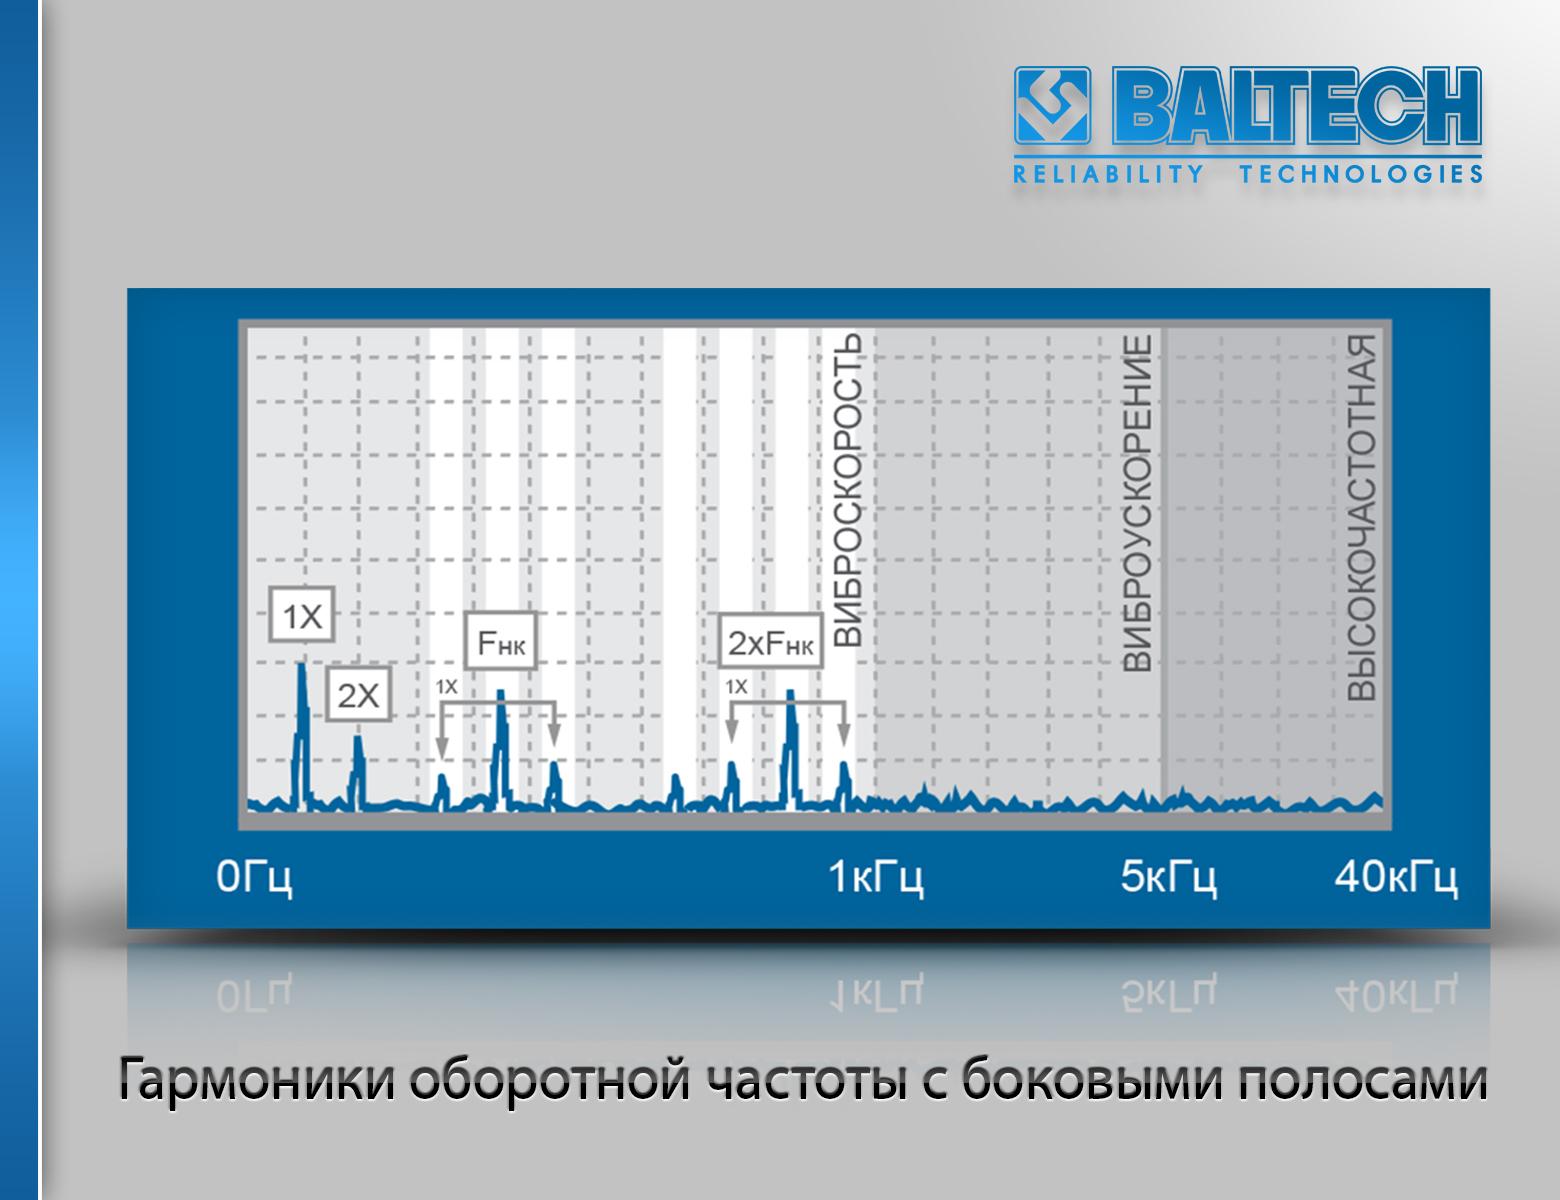 Гармоники оборотной частоты с боковыми полосами, методы спектрального анализа, вибродиагностика машин, практическая вибродиагностика